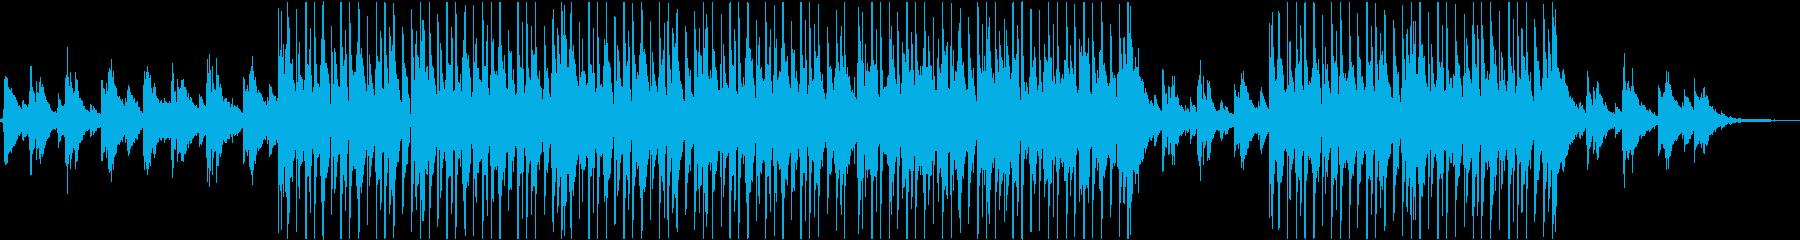 ジャジー、カフェ、オシャレBGM決定版の再生済みの波形